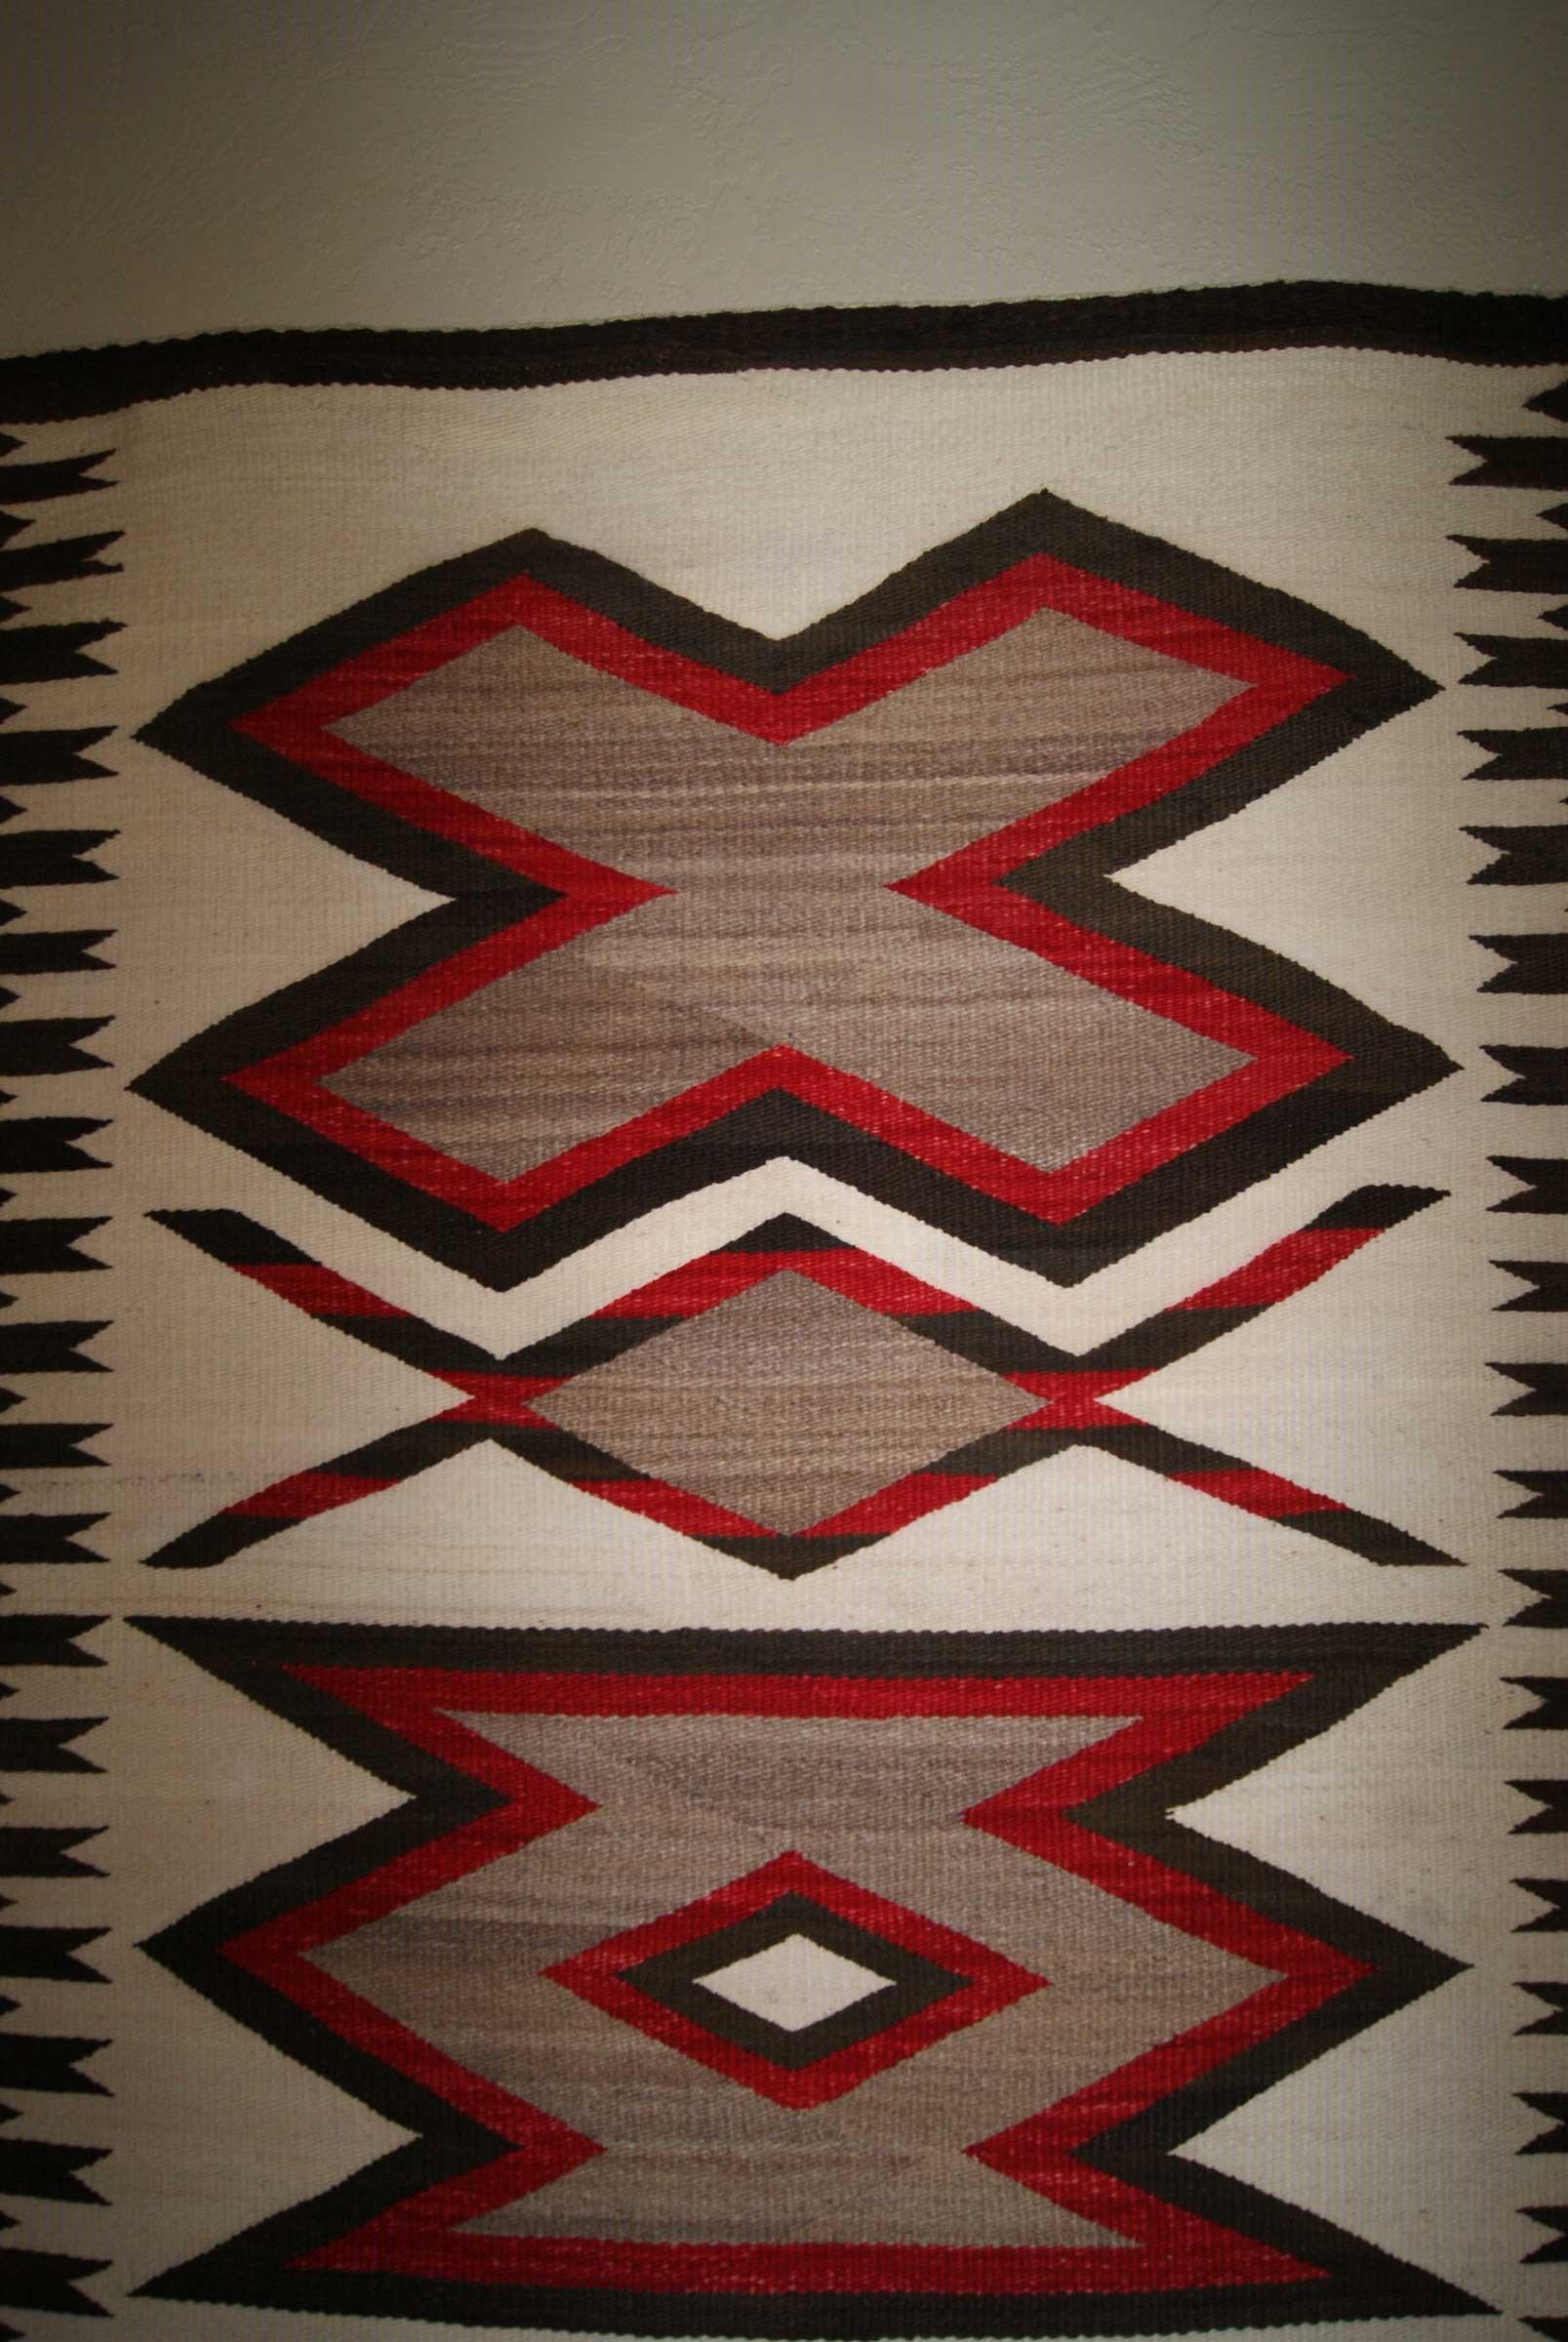 jb trading post navajo runner rug